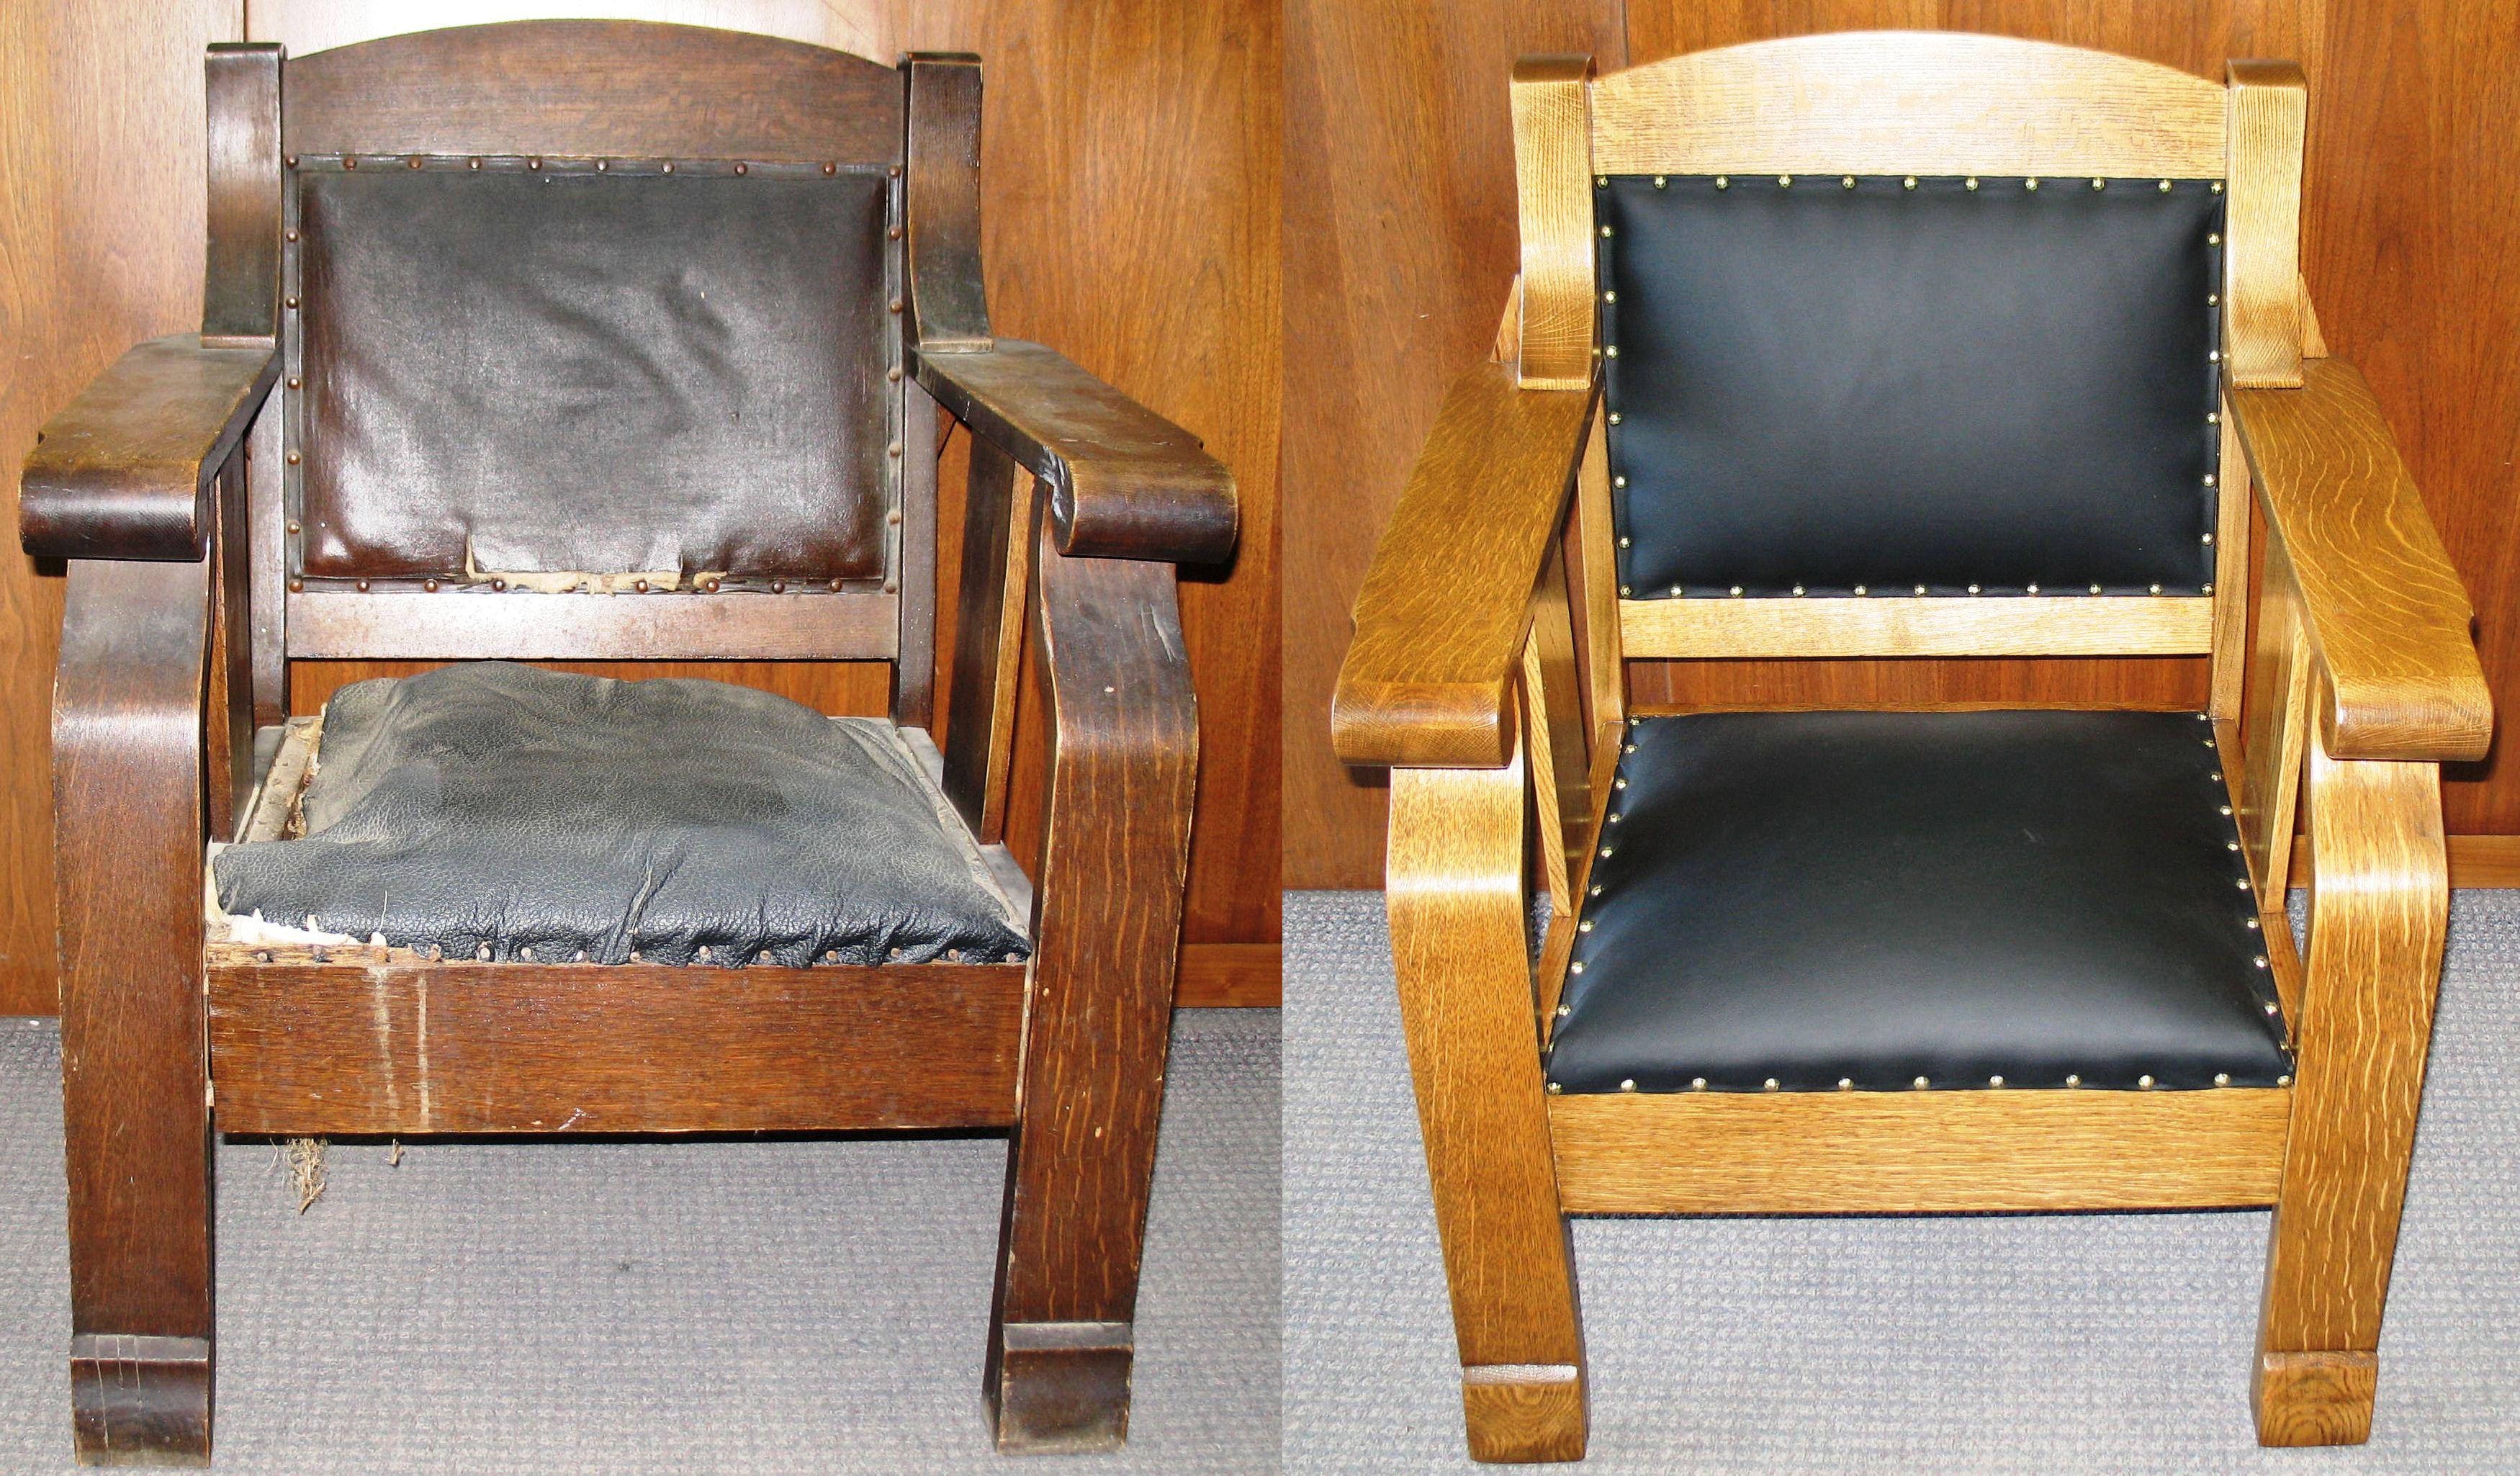 تعمیر صندلی چوبی مبل چوبی چرمی قدیمی